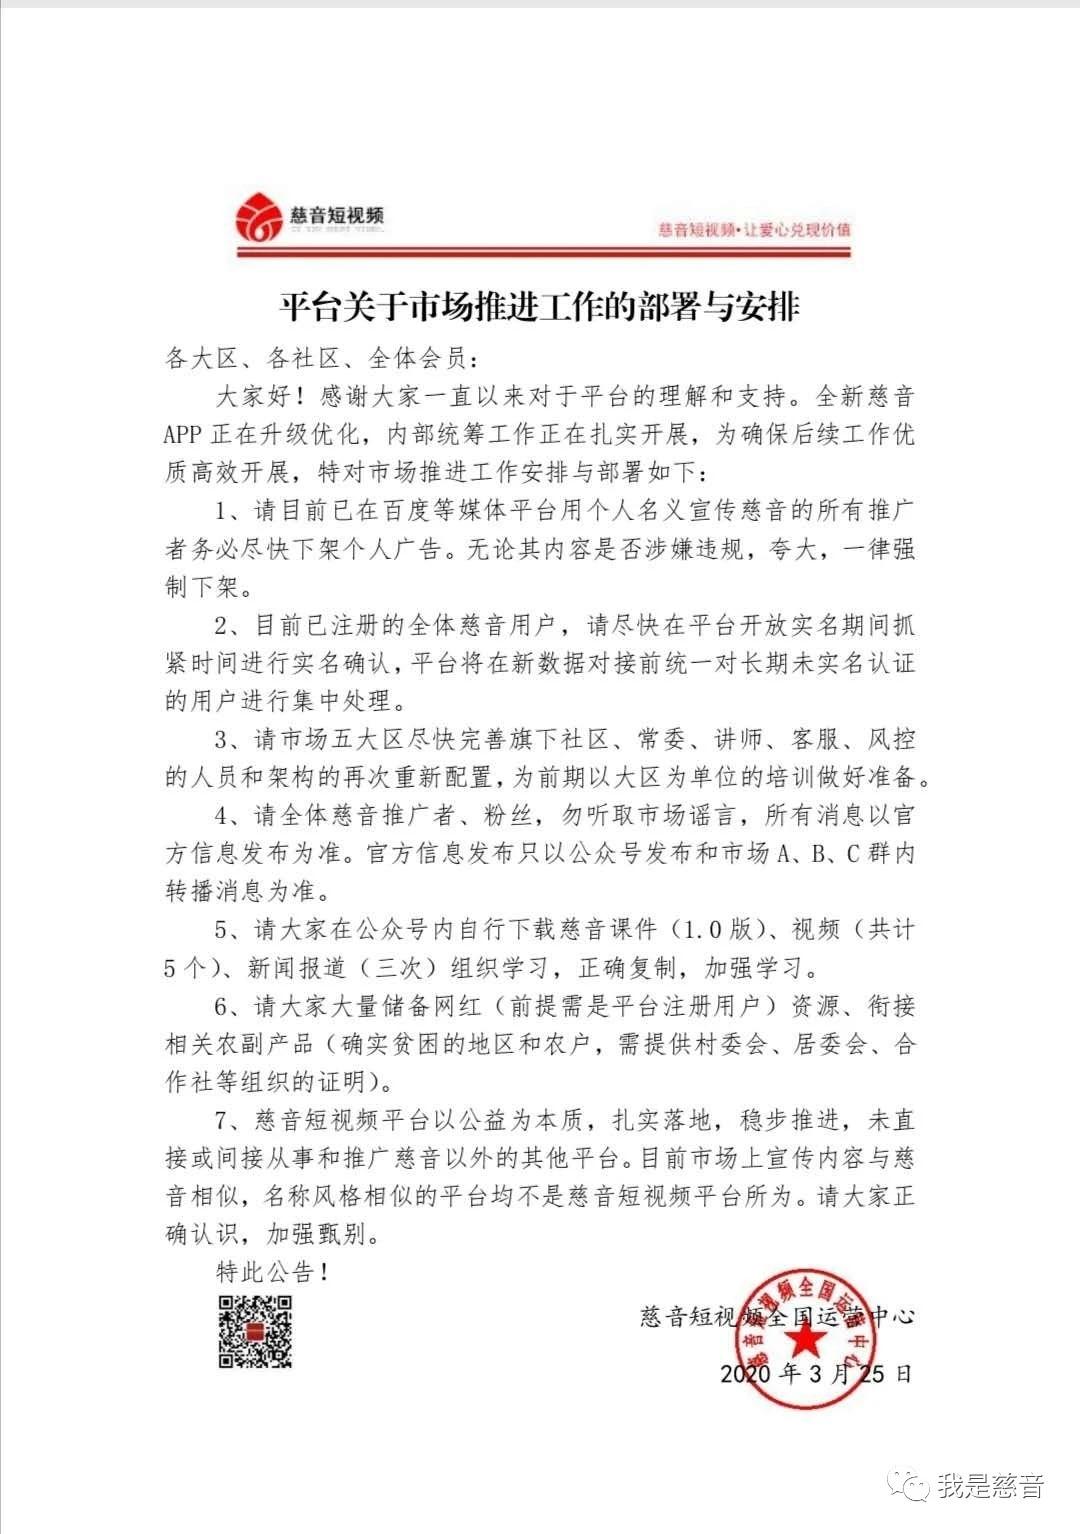 <a href=https://www.wohenwen.cn target=_blank class=infotextkey>慈音短视频</a>官方公告